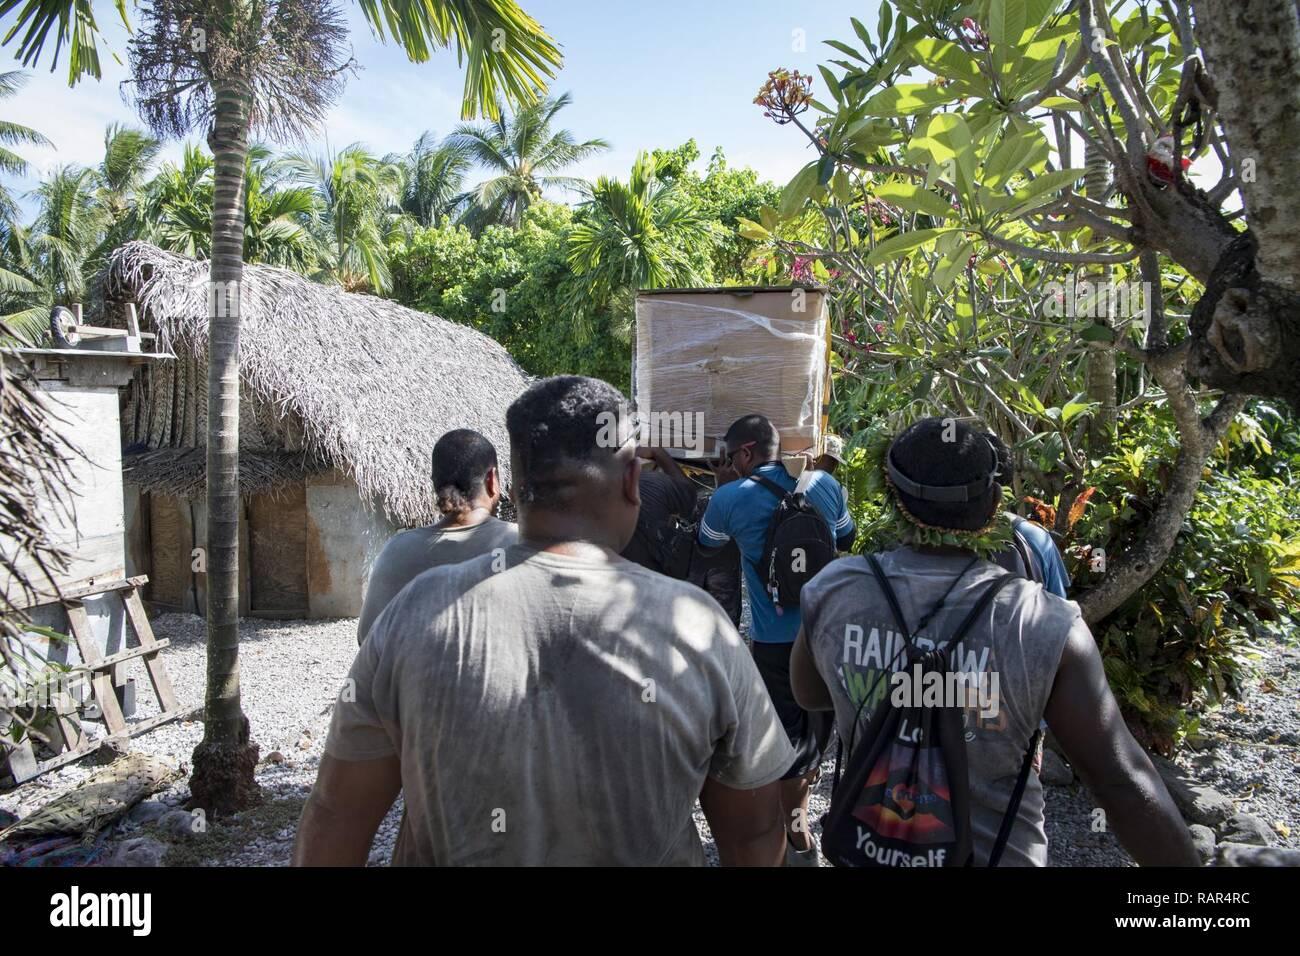 Islanders carry a box of humanitarian supplies through their village